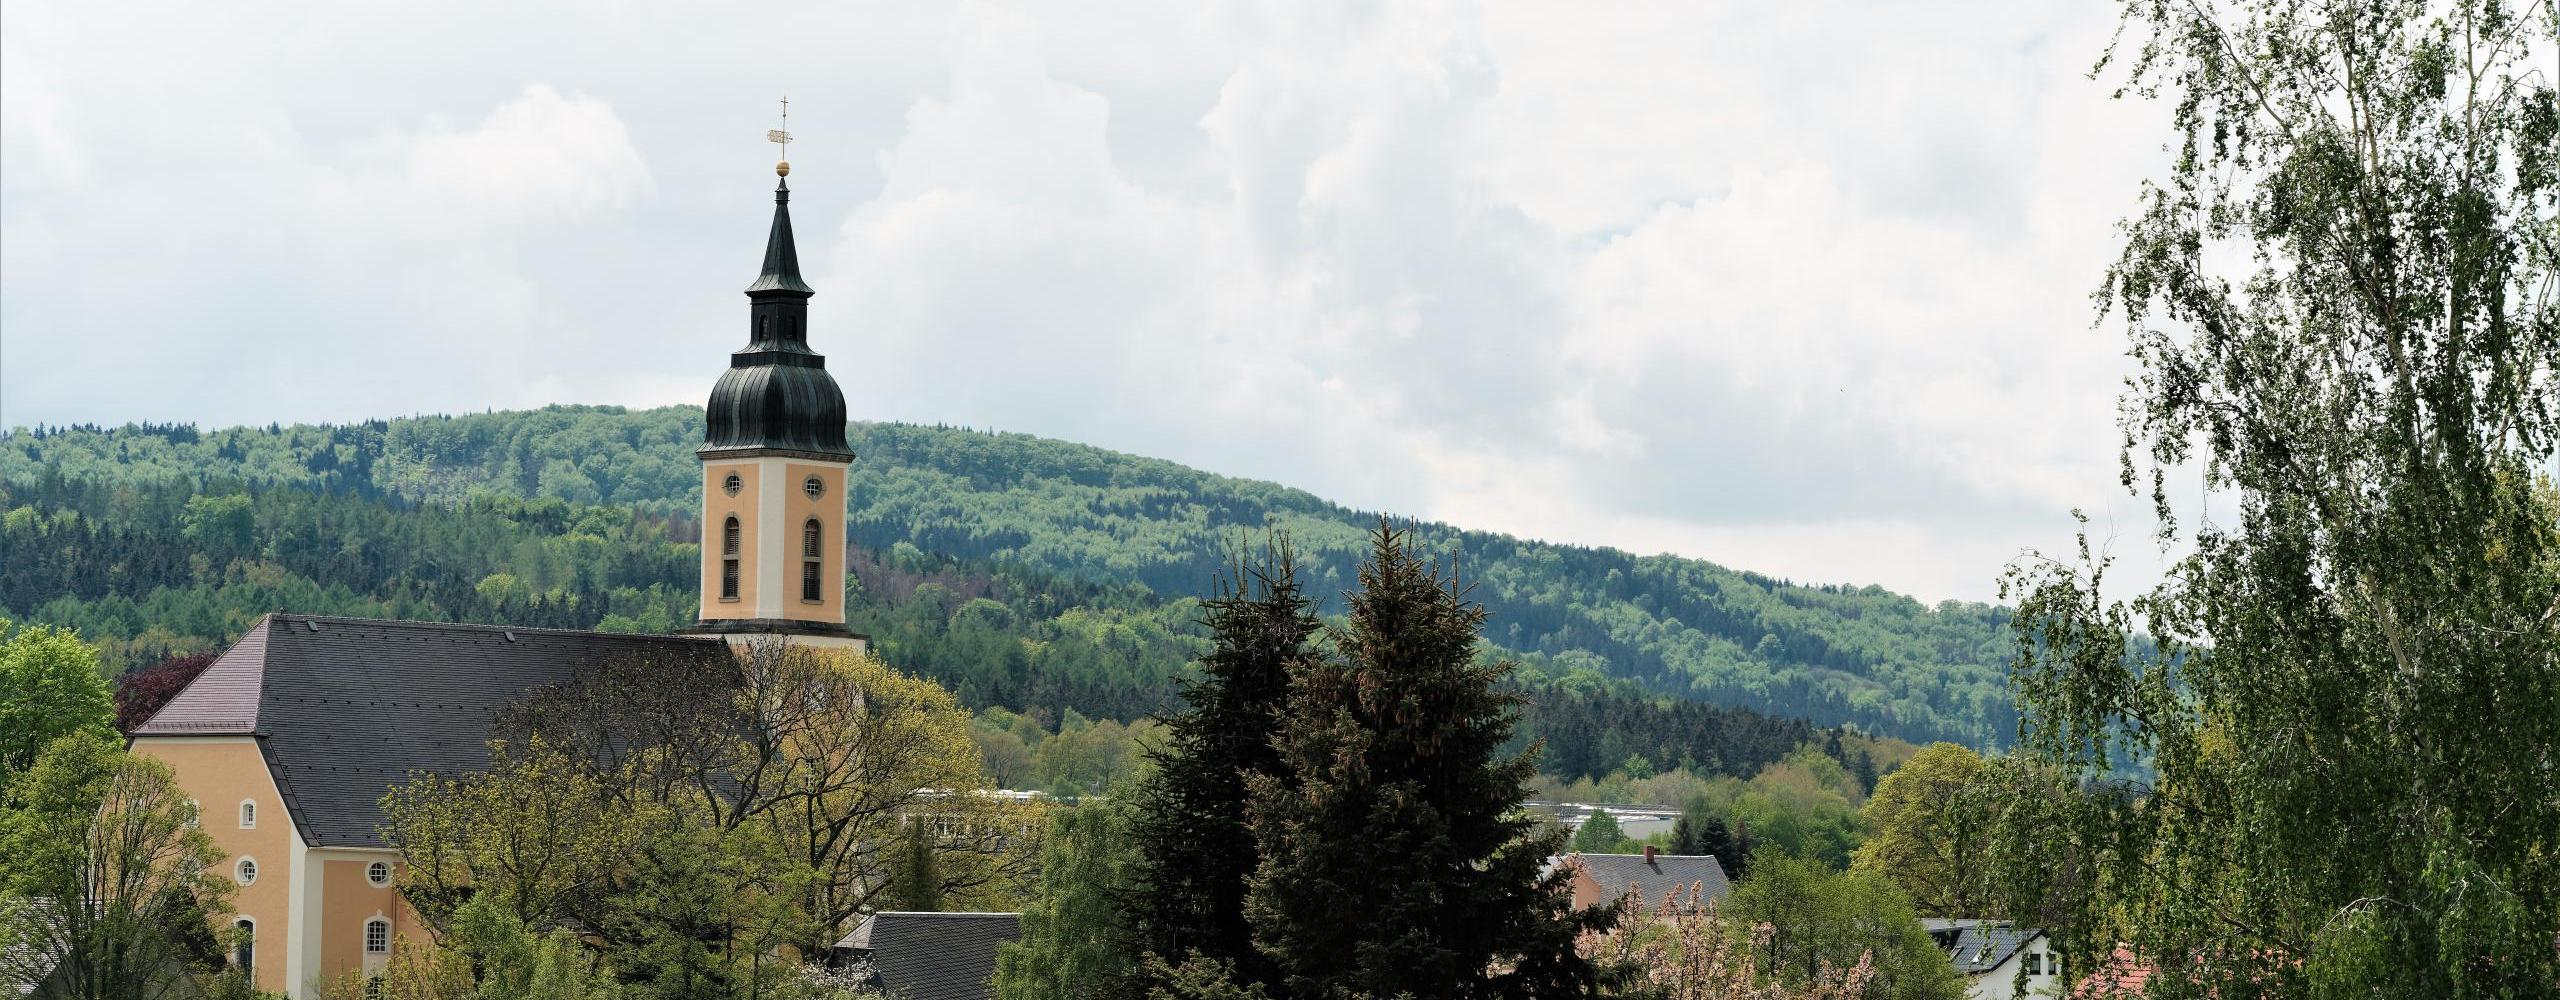 blick aus neukirch zum valtenberg c. hilse ©Blick auf Kirche und zum Valtenberg Foto: Christian Hilse